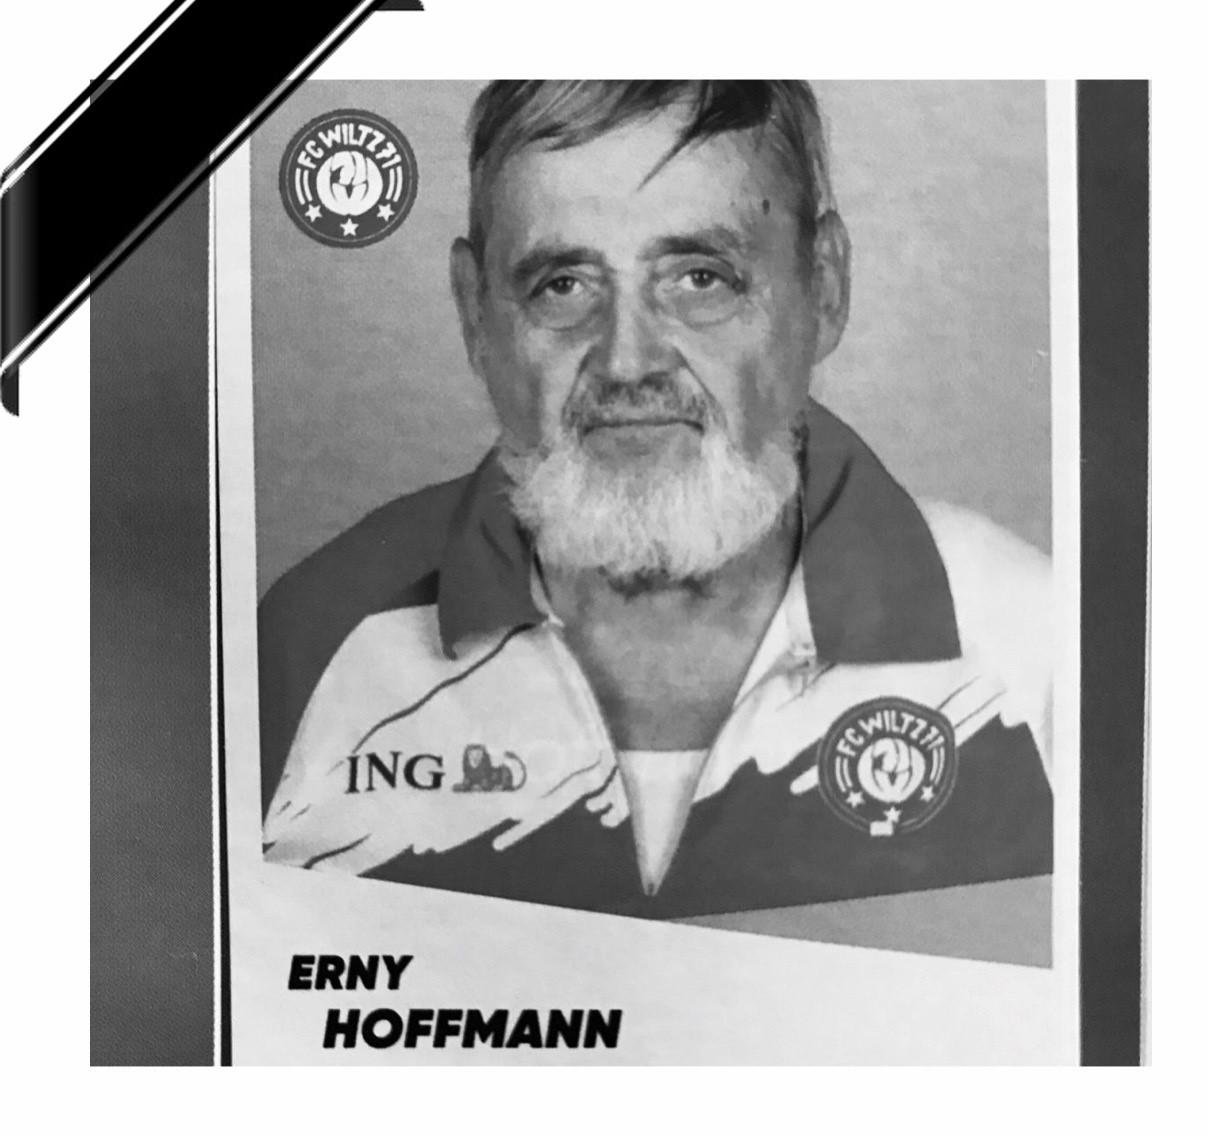 Den Erny Hoffmann, de Bénévole par excellence, ass dout